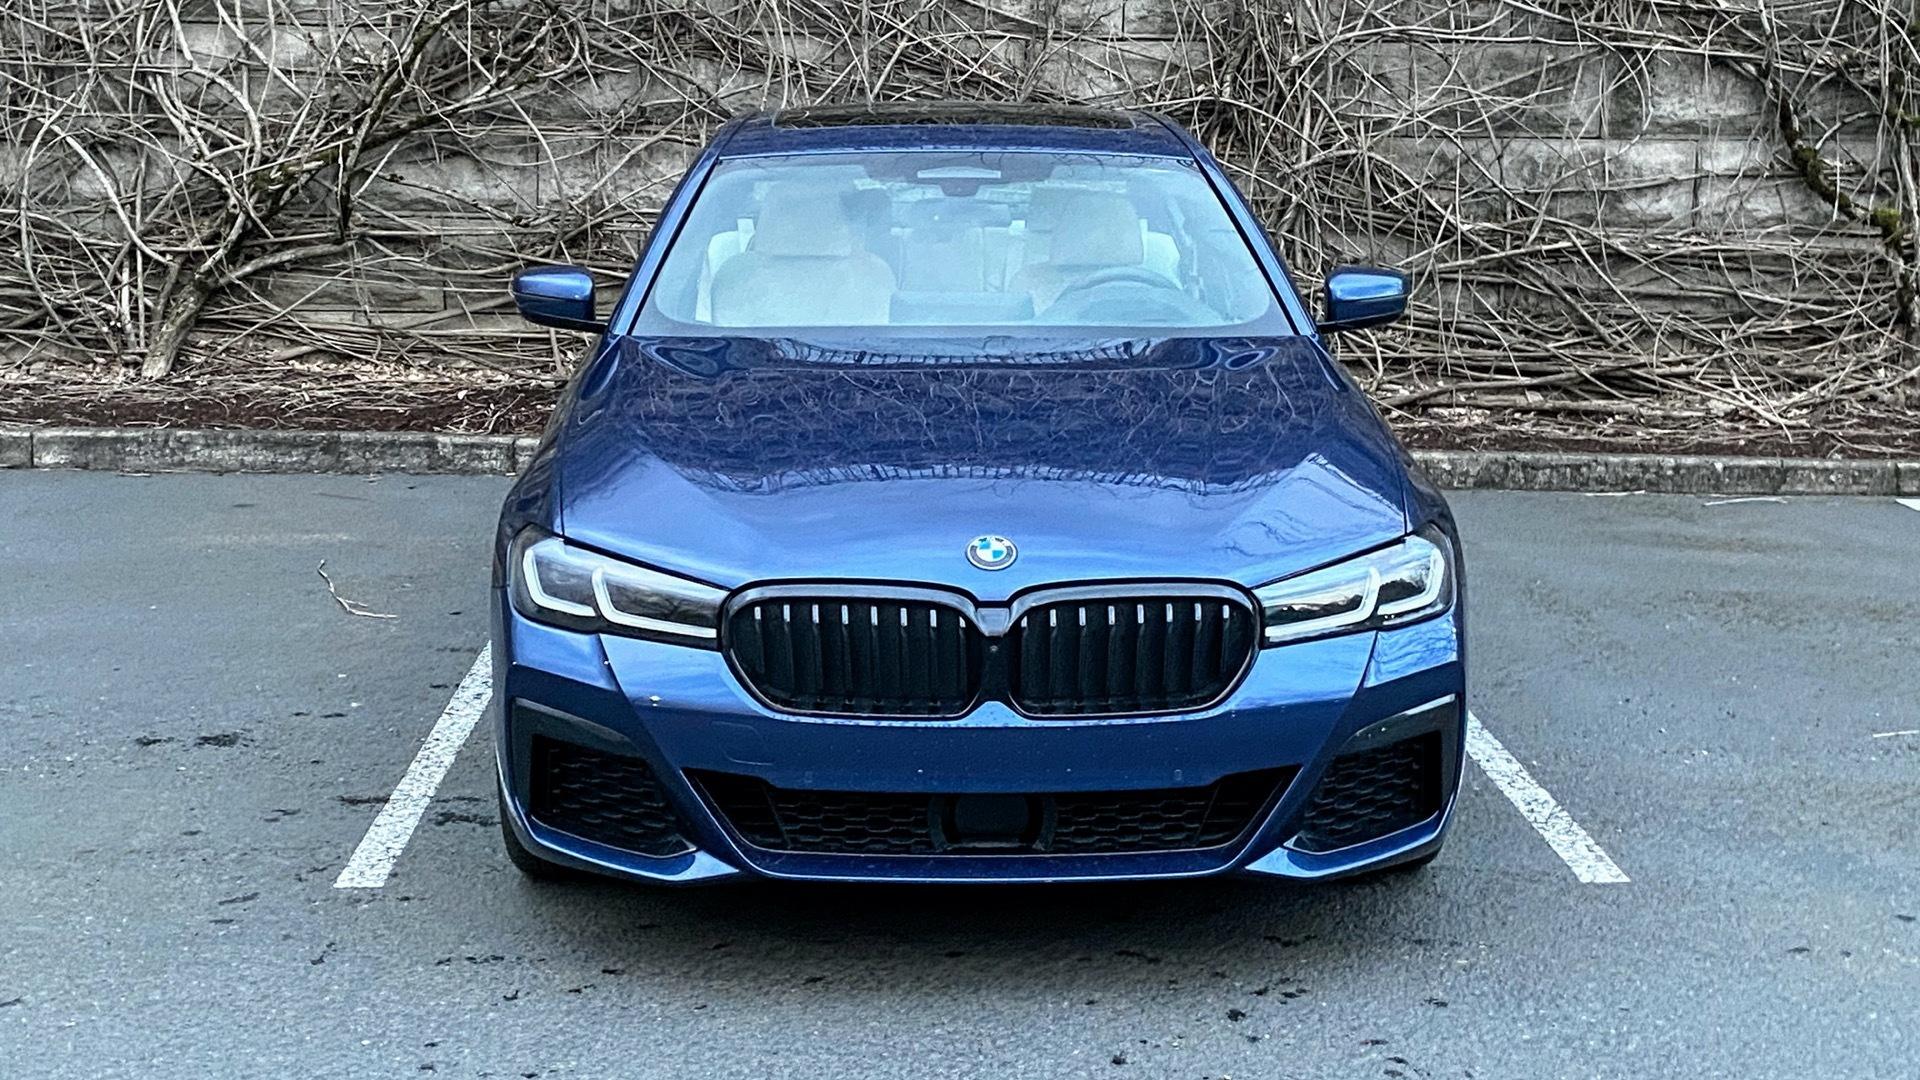 2021 BMW 530e plug-in hybrid